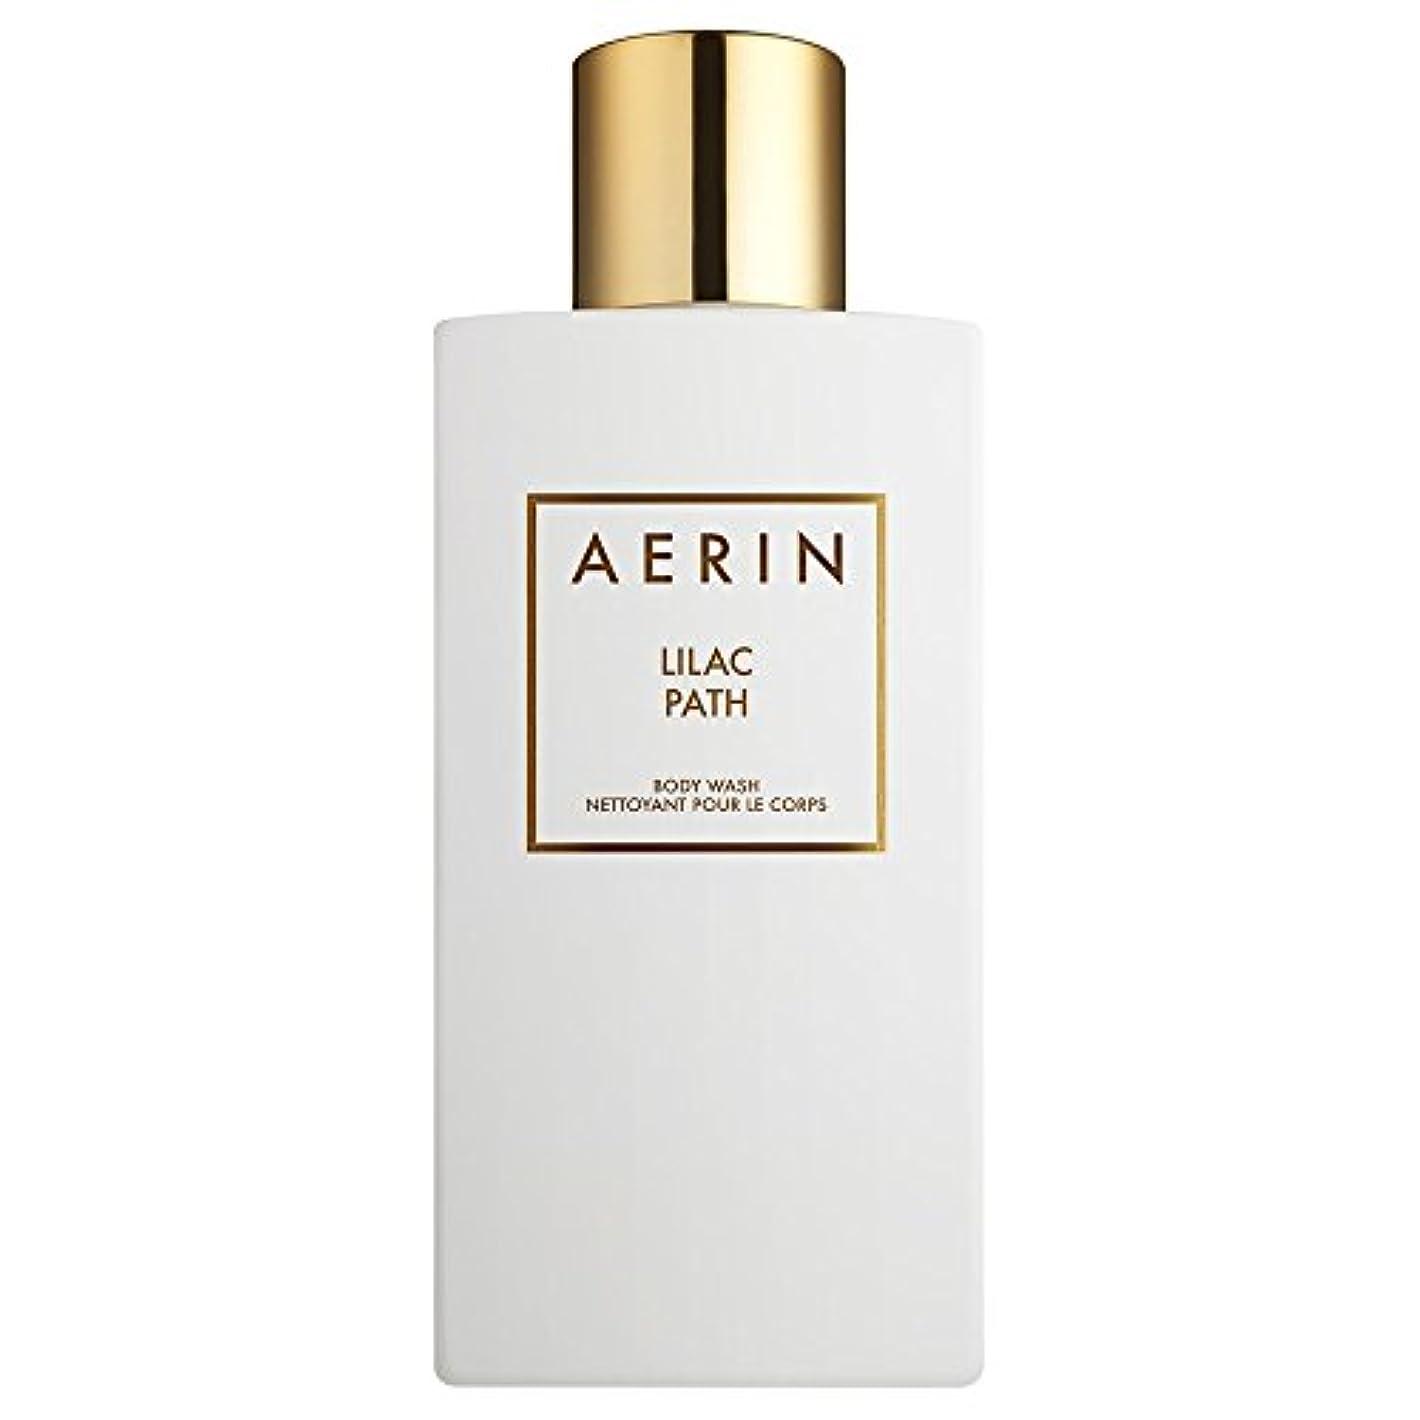 消化マーベル終了するAerinライラックパスボディウォッシュ225ミリリットル (AERIN) (x6) - AERIN Lilac Path Bodywash 225ml (Pack of 6) [並行輸入品]